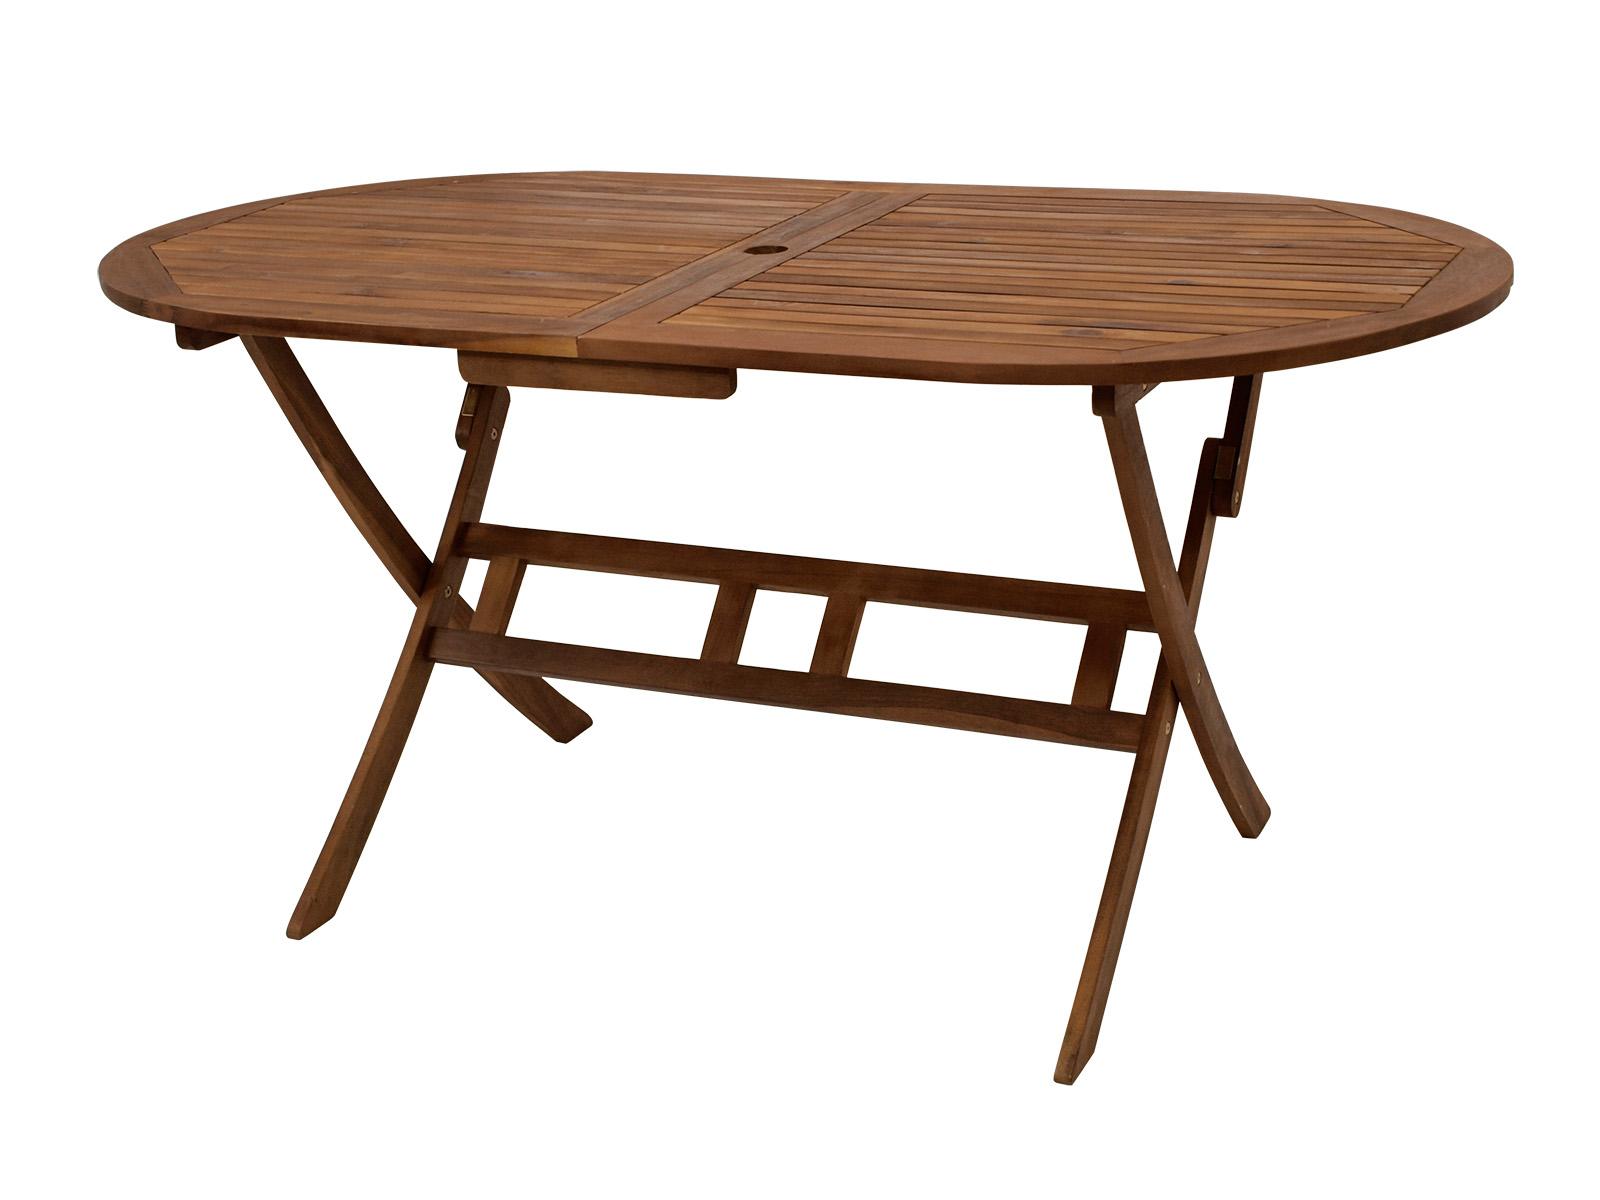 klapptisch benita oval 160x85 cm akazienholz fsc gartentisch garten tisch balkon ebay. Black Bedroom Furniture Sets. Home Design Ideas